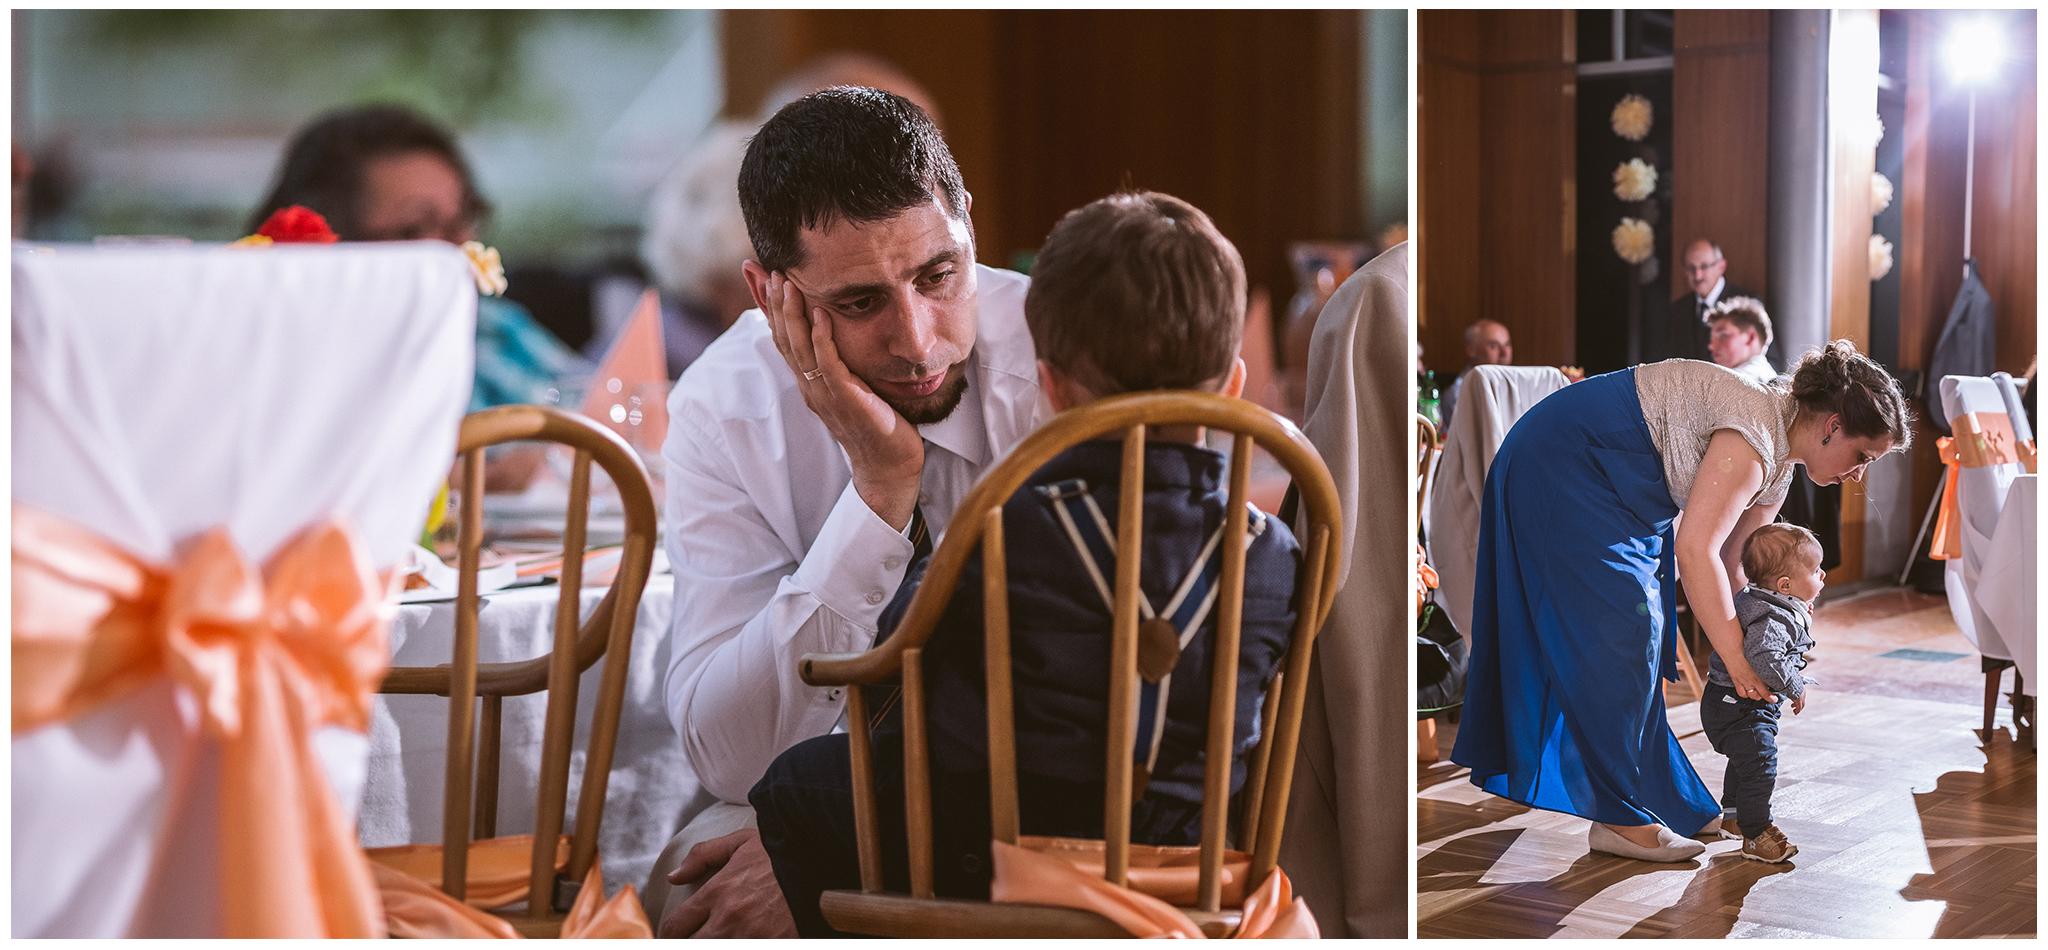 FylepPhoto, esküvőfotós, esküvői fotós Körmend, Szombathely, esküvőfotózás, magyarország, vas megye, prémium, jegyesfotózás, Fülöp Péter, körmend, kreatív, fotográfus_035.jpg